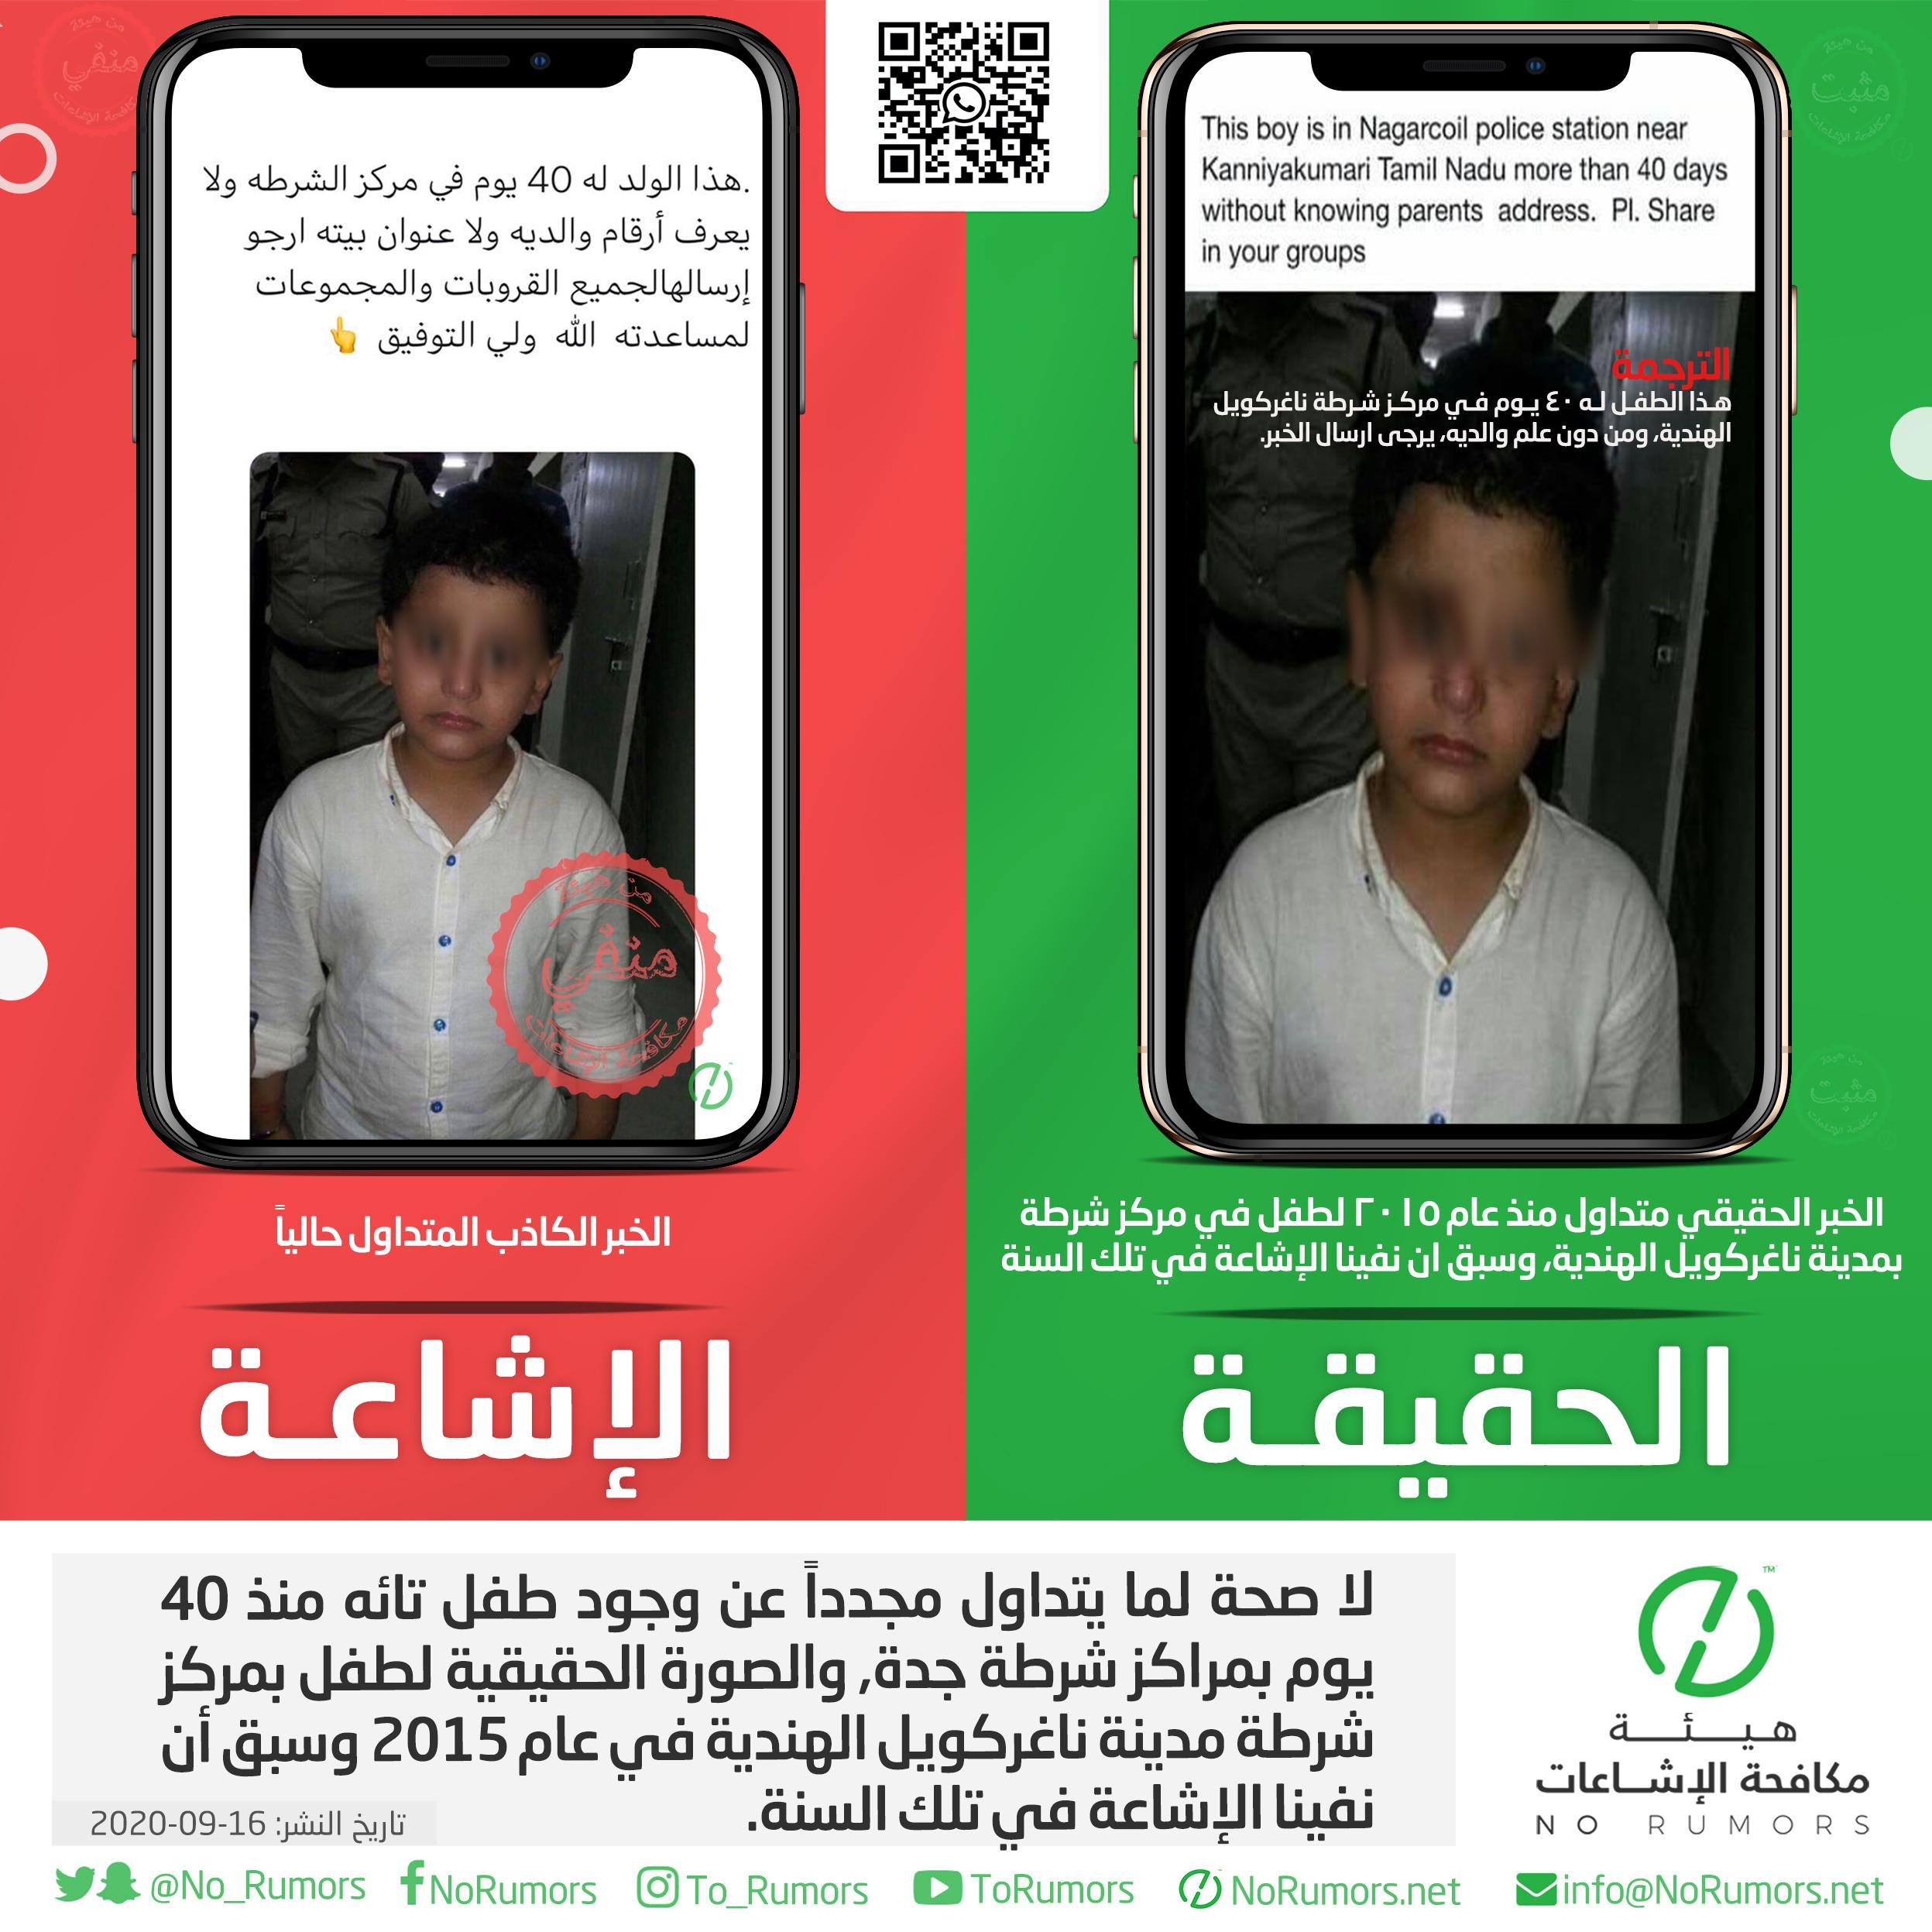 حقيقة ما يتداول مجدداً عن وجود طفل تائه منذ 40 يوم بمراكز شرطة جدة